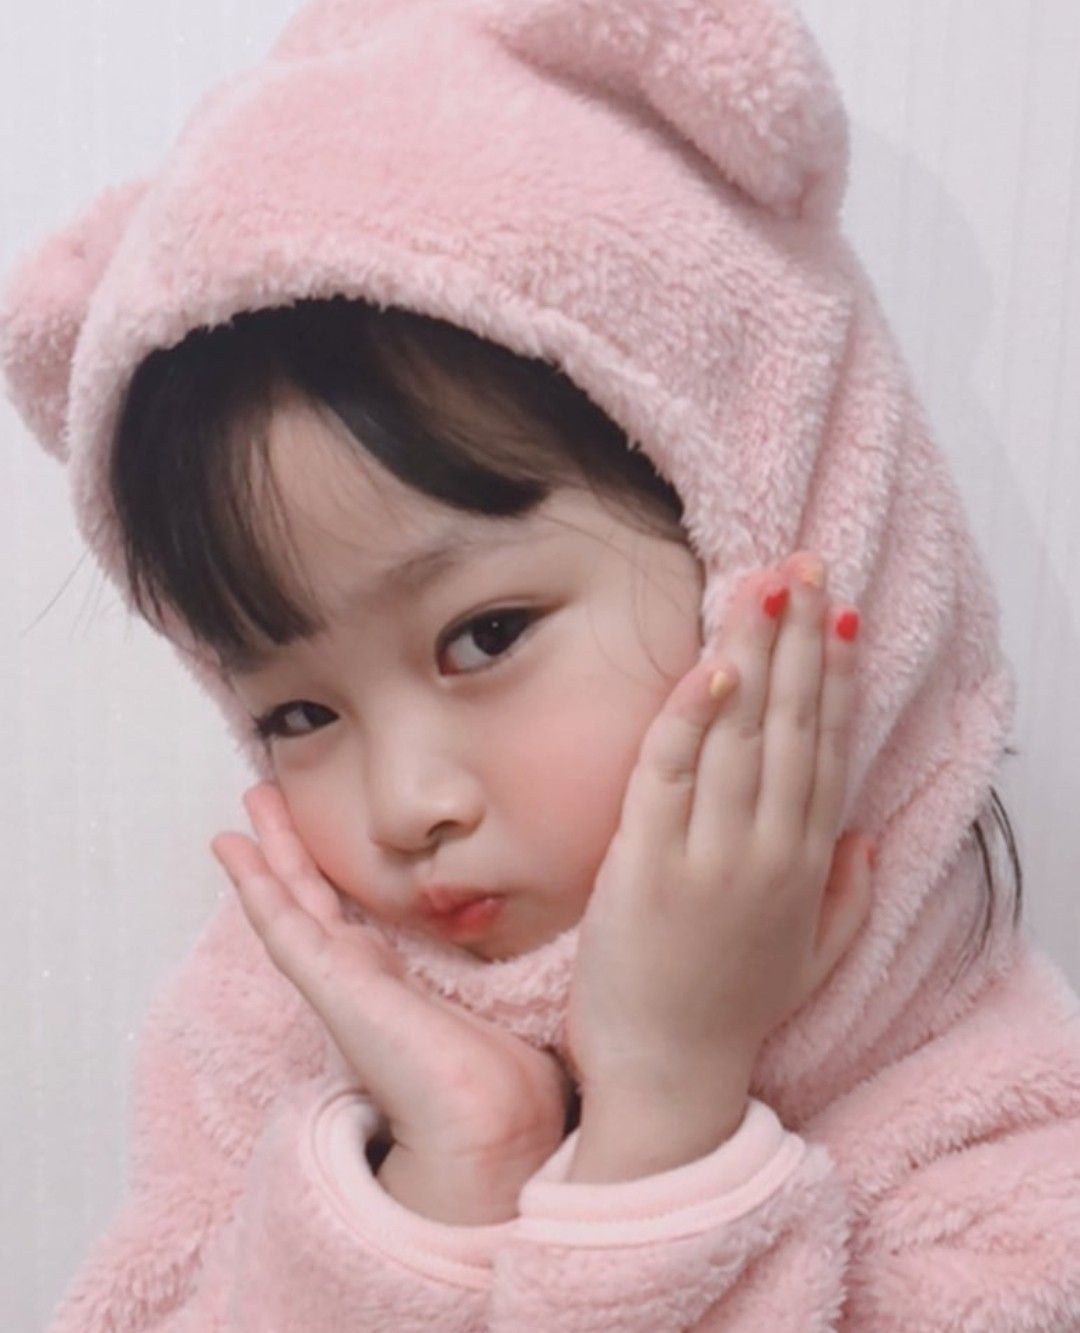 Cute Korean baby Kwon Juli 1004yul_i | Gambar bayi, Gambar bayi ...